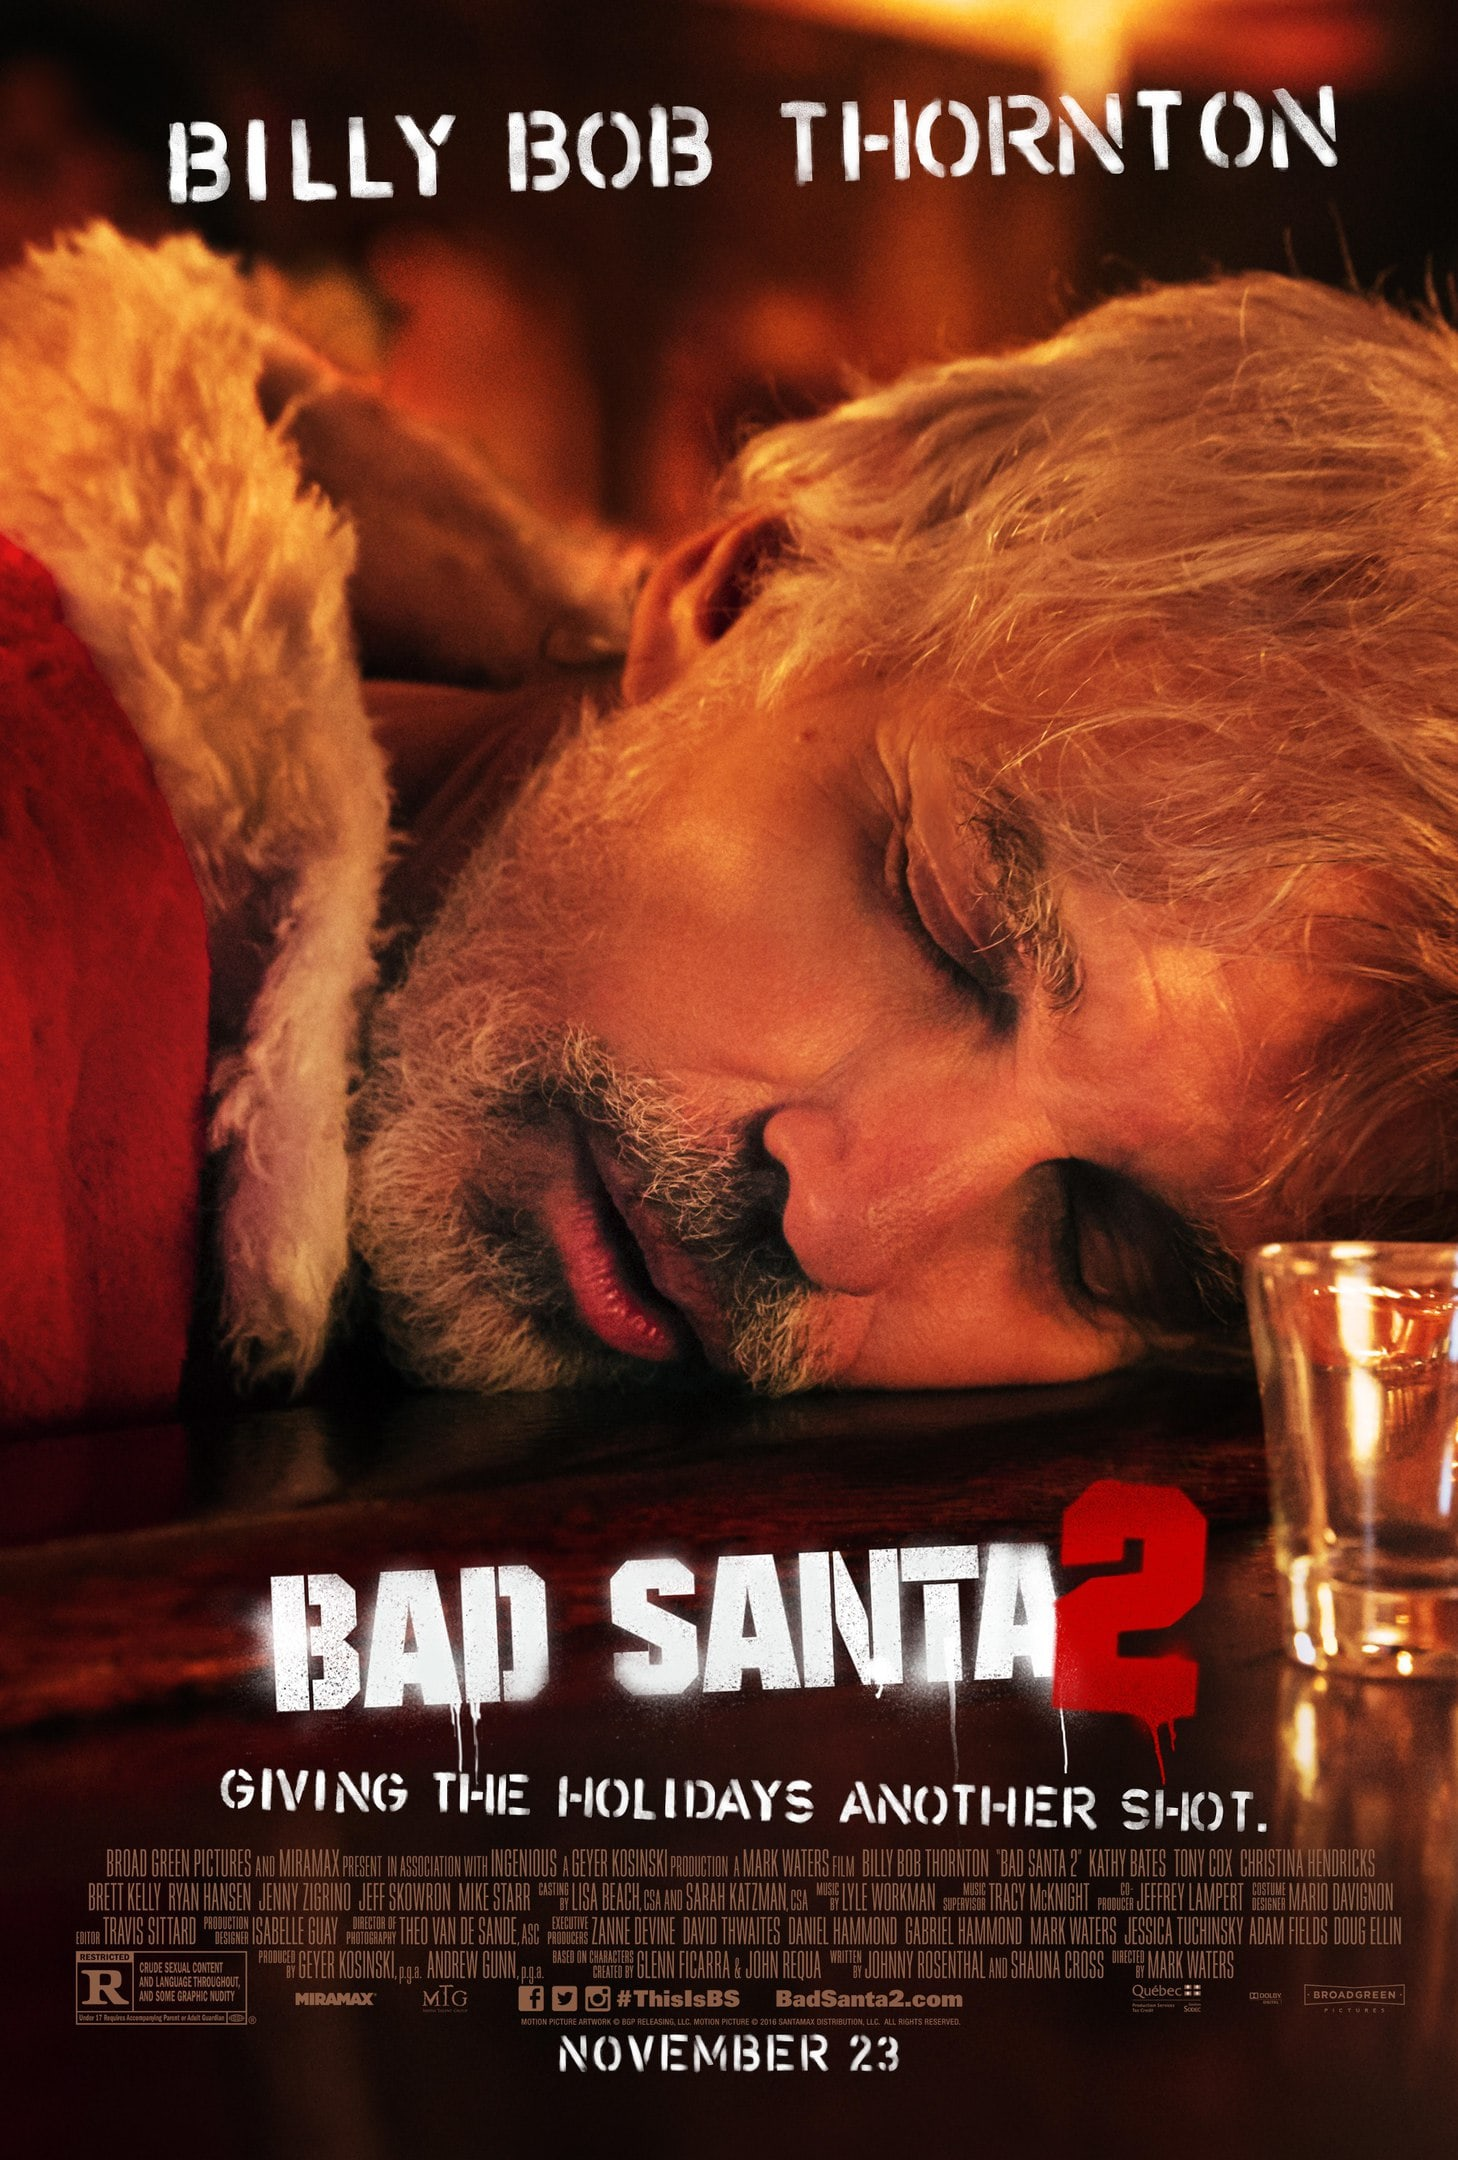 Bad Santa 2 For mobile